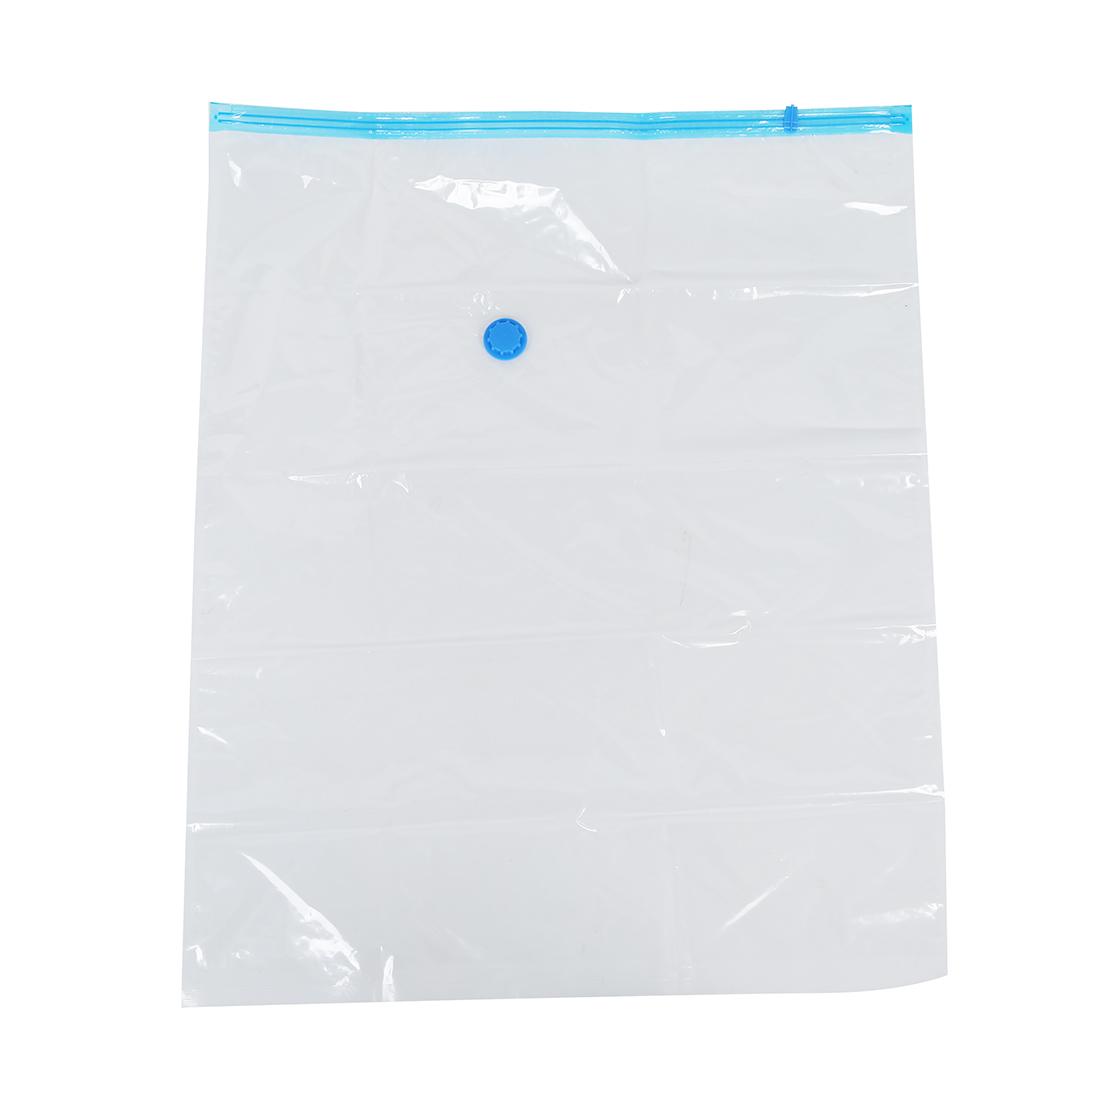 2x 5x housse rangement sous vide aspirateur sac for Housse rangement sous vide carrefour